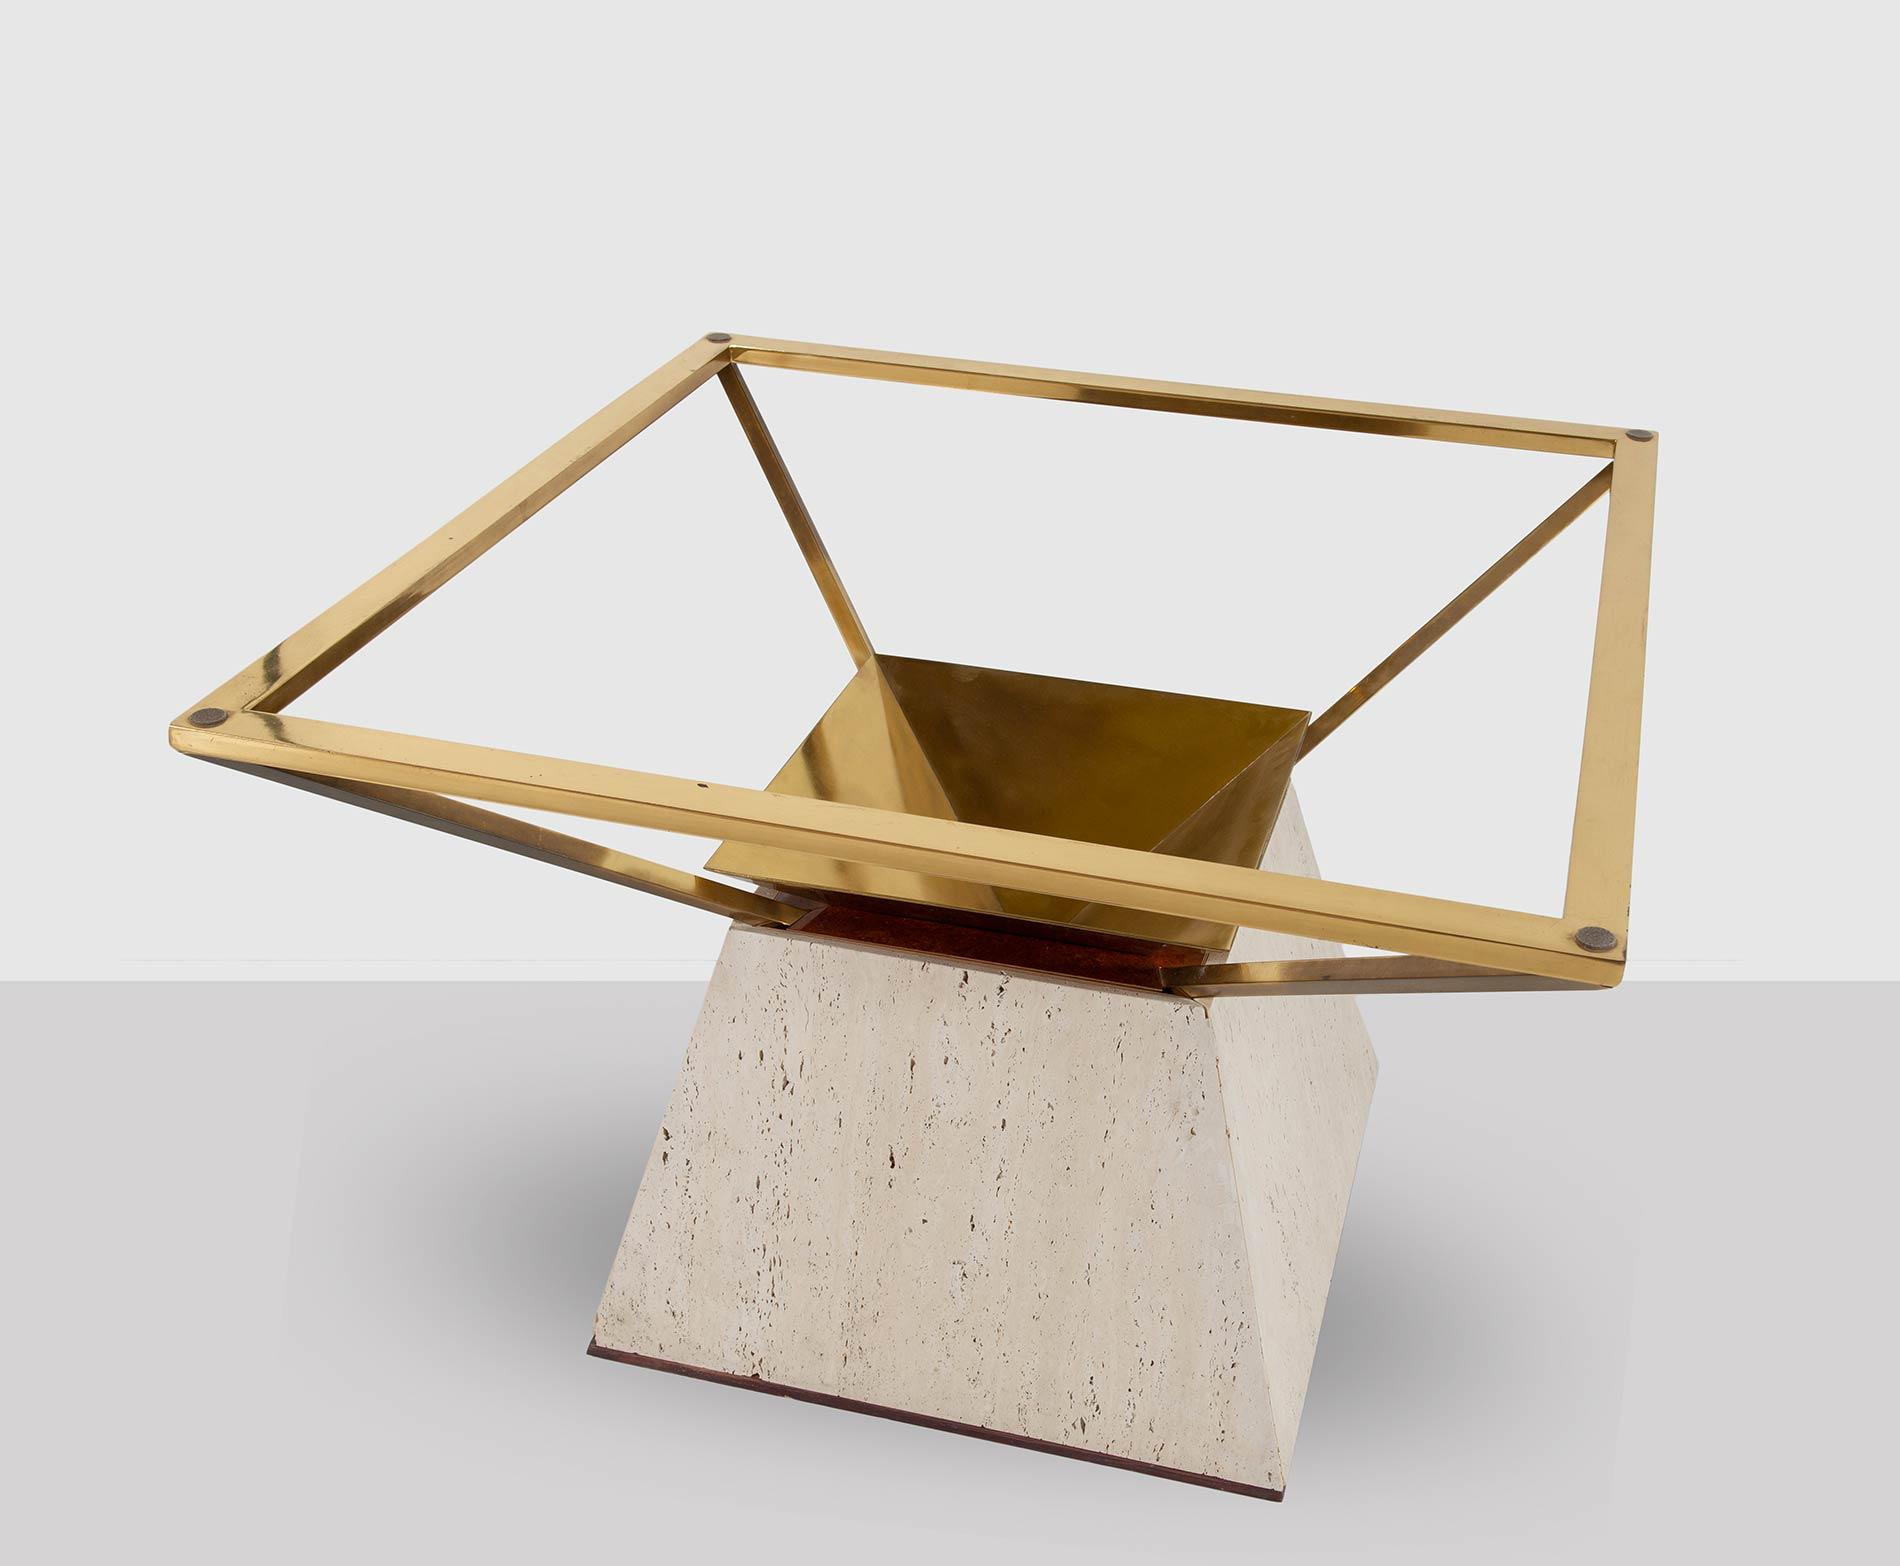 Base di tavolo tronco-piramidale, Manifattura Italiana - Anni '70.